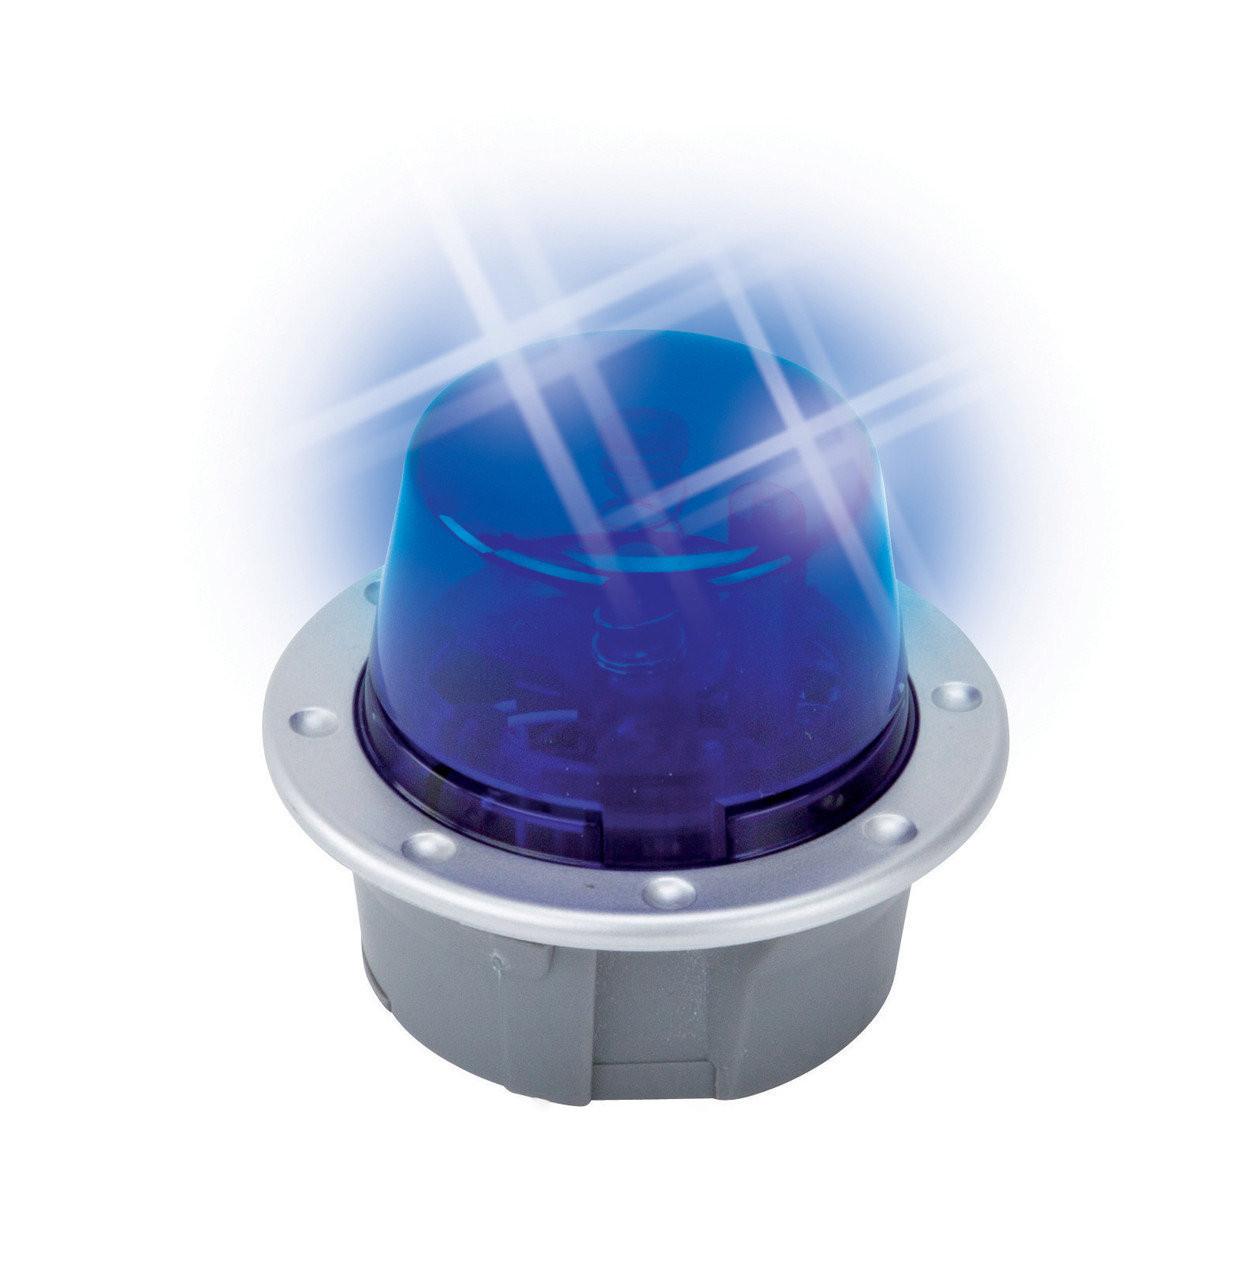 Сирена-мигалка для каталок Big, со светом и звукомМашинки-каталки для детей<br>Сирена-мигалка для каталок Big, со светом и звуком<br>